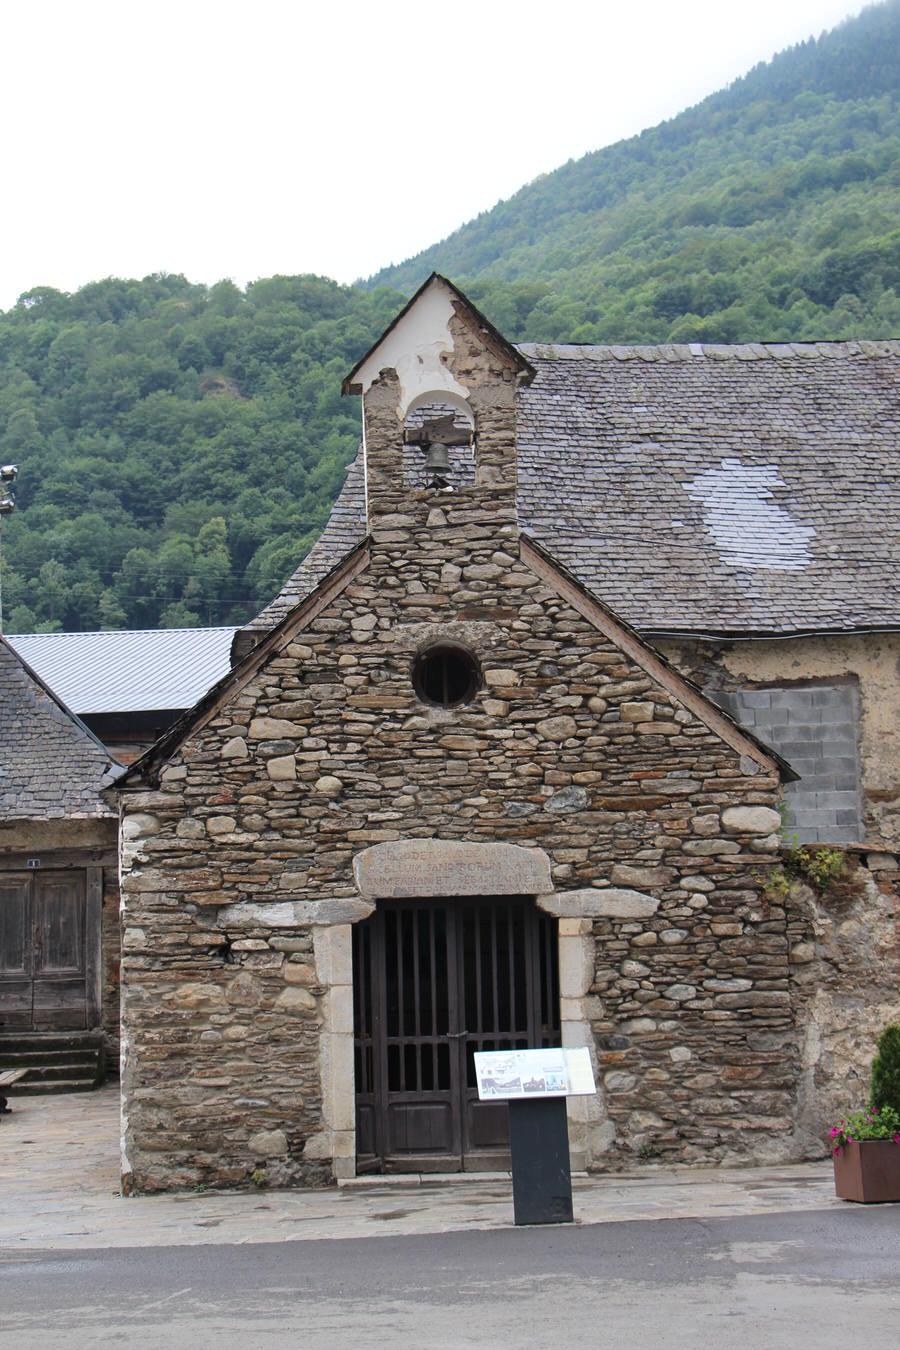 -Una de las ermitas que forman el recorrido junto al puente que divide el pueblo, Bossots-